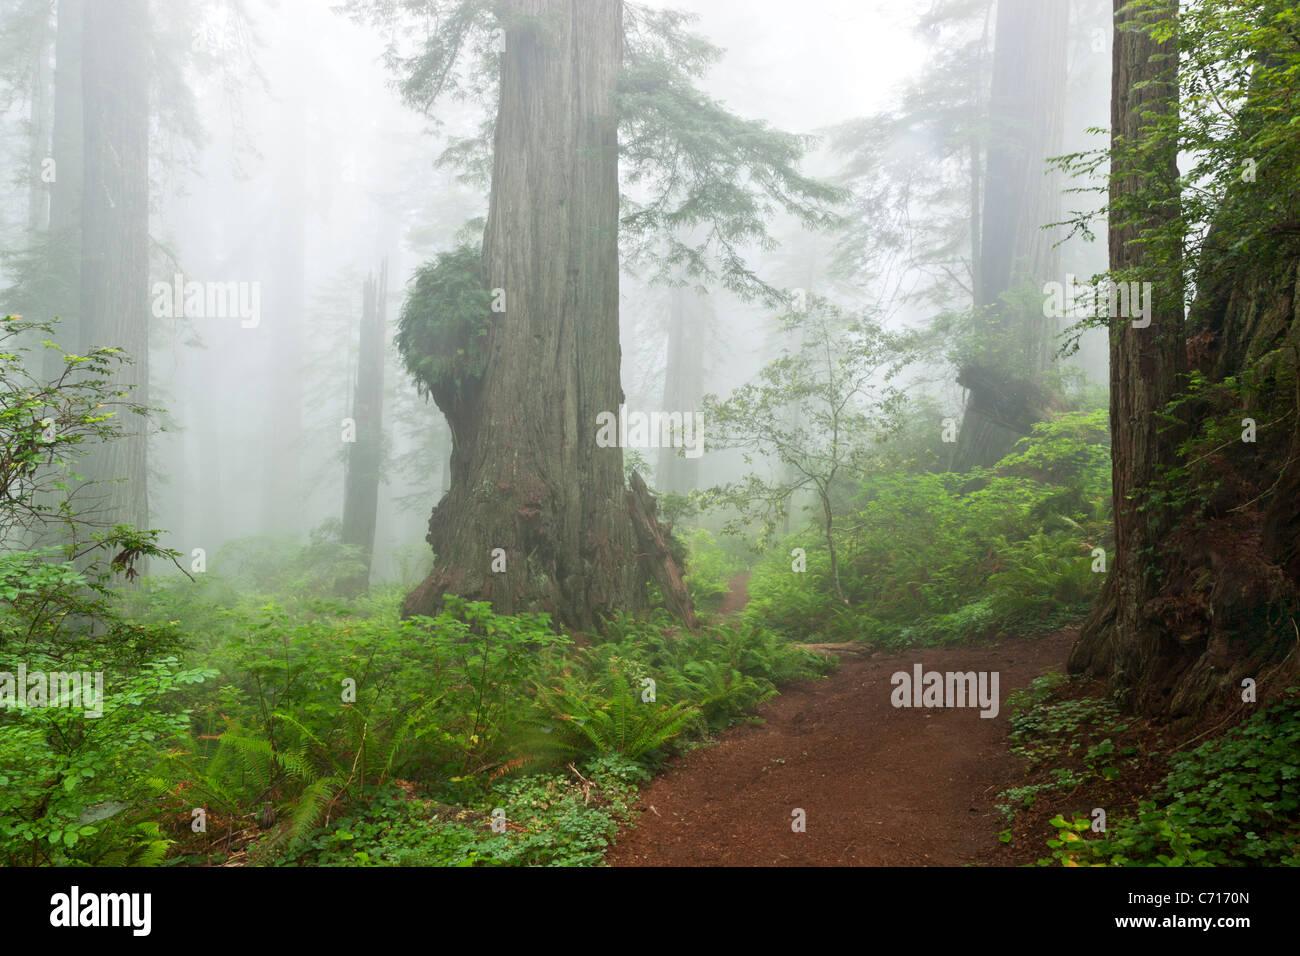 Redwood forest shrouded in fog, - Stock Image